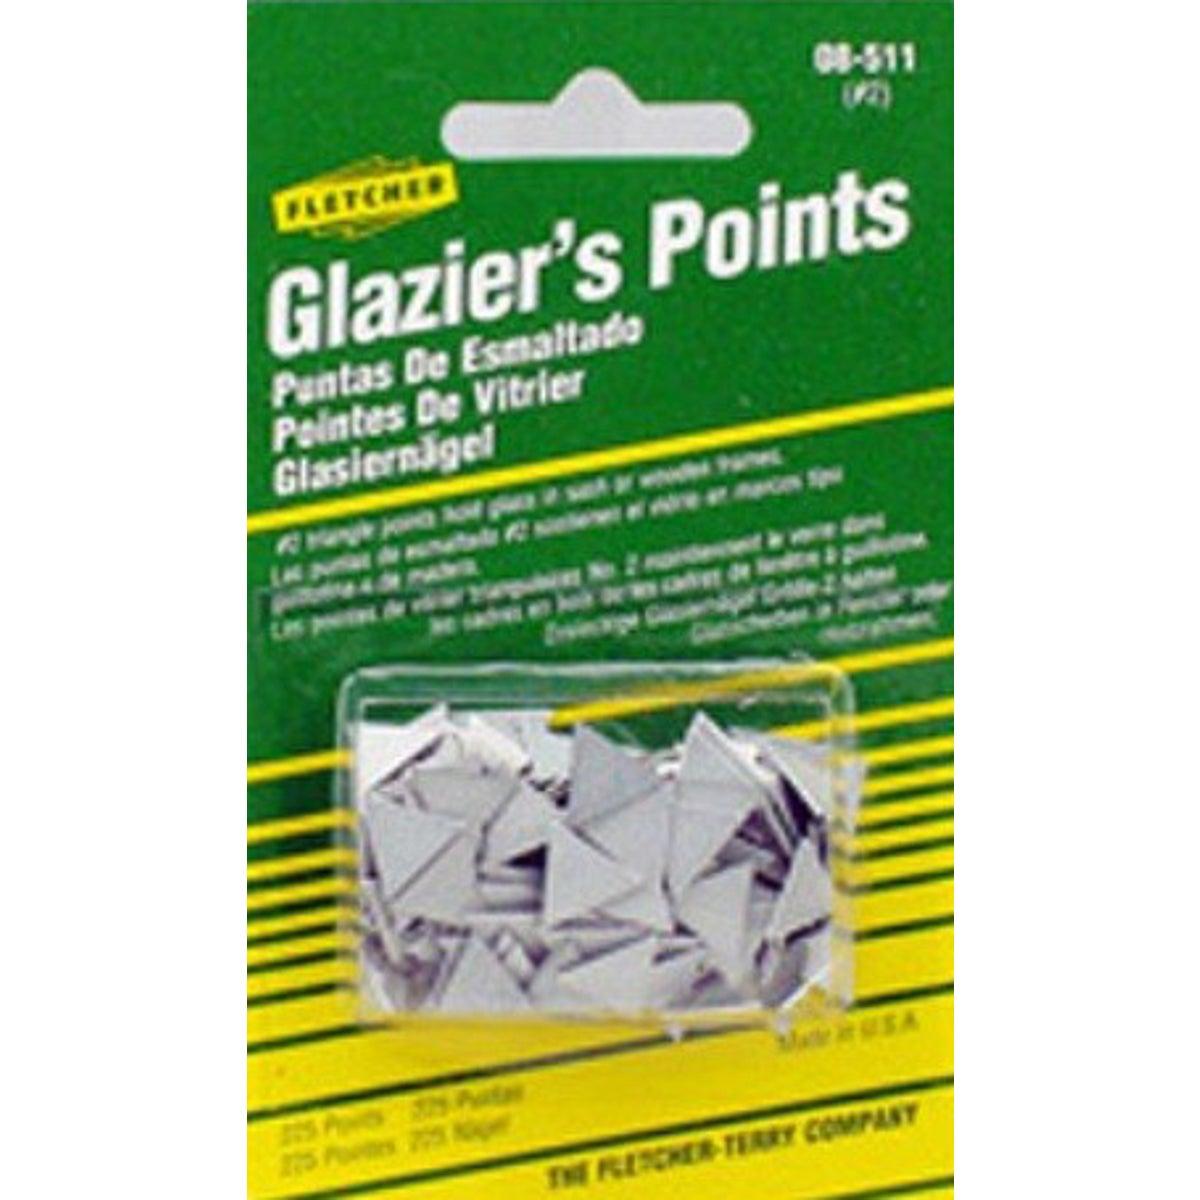 TRIANGLE GLAZIER POINT - 08-511 by Fletcher Terry Co